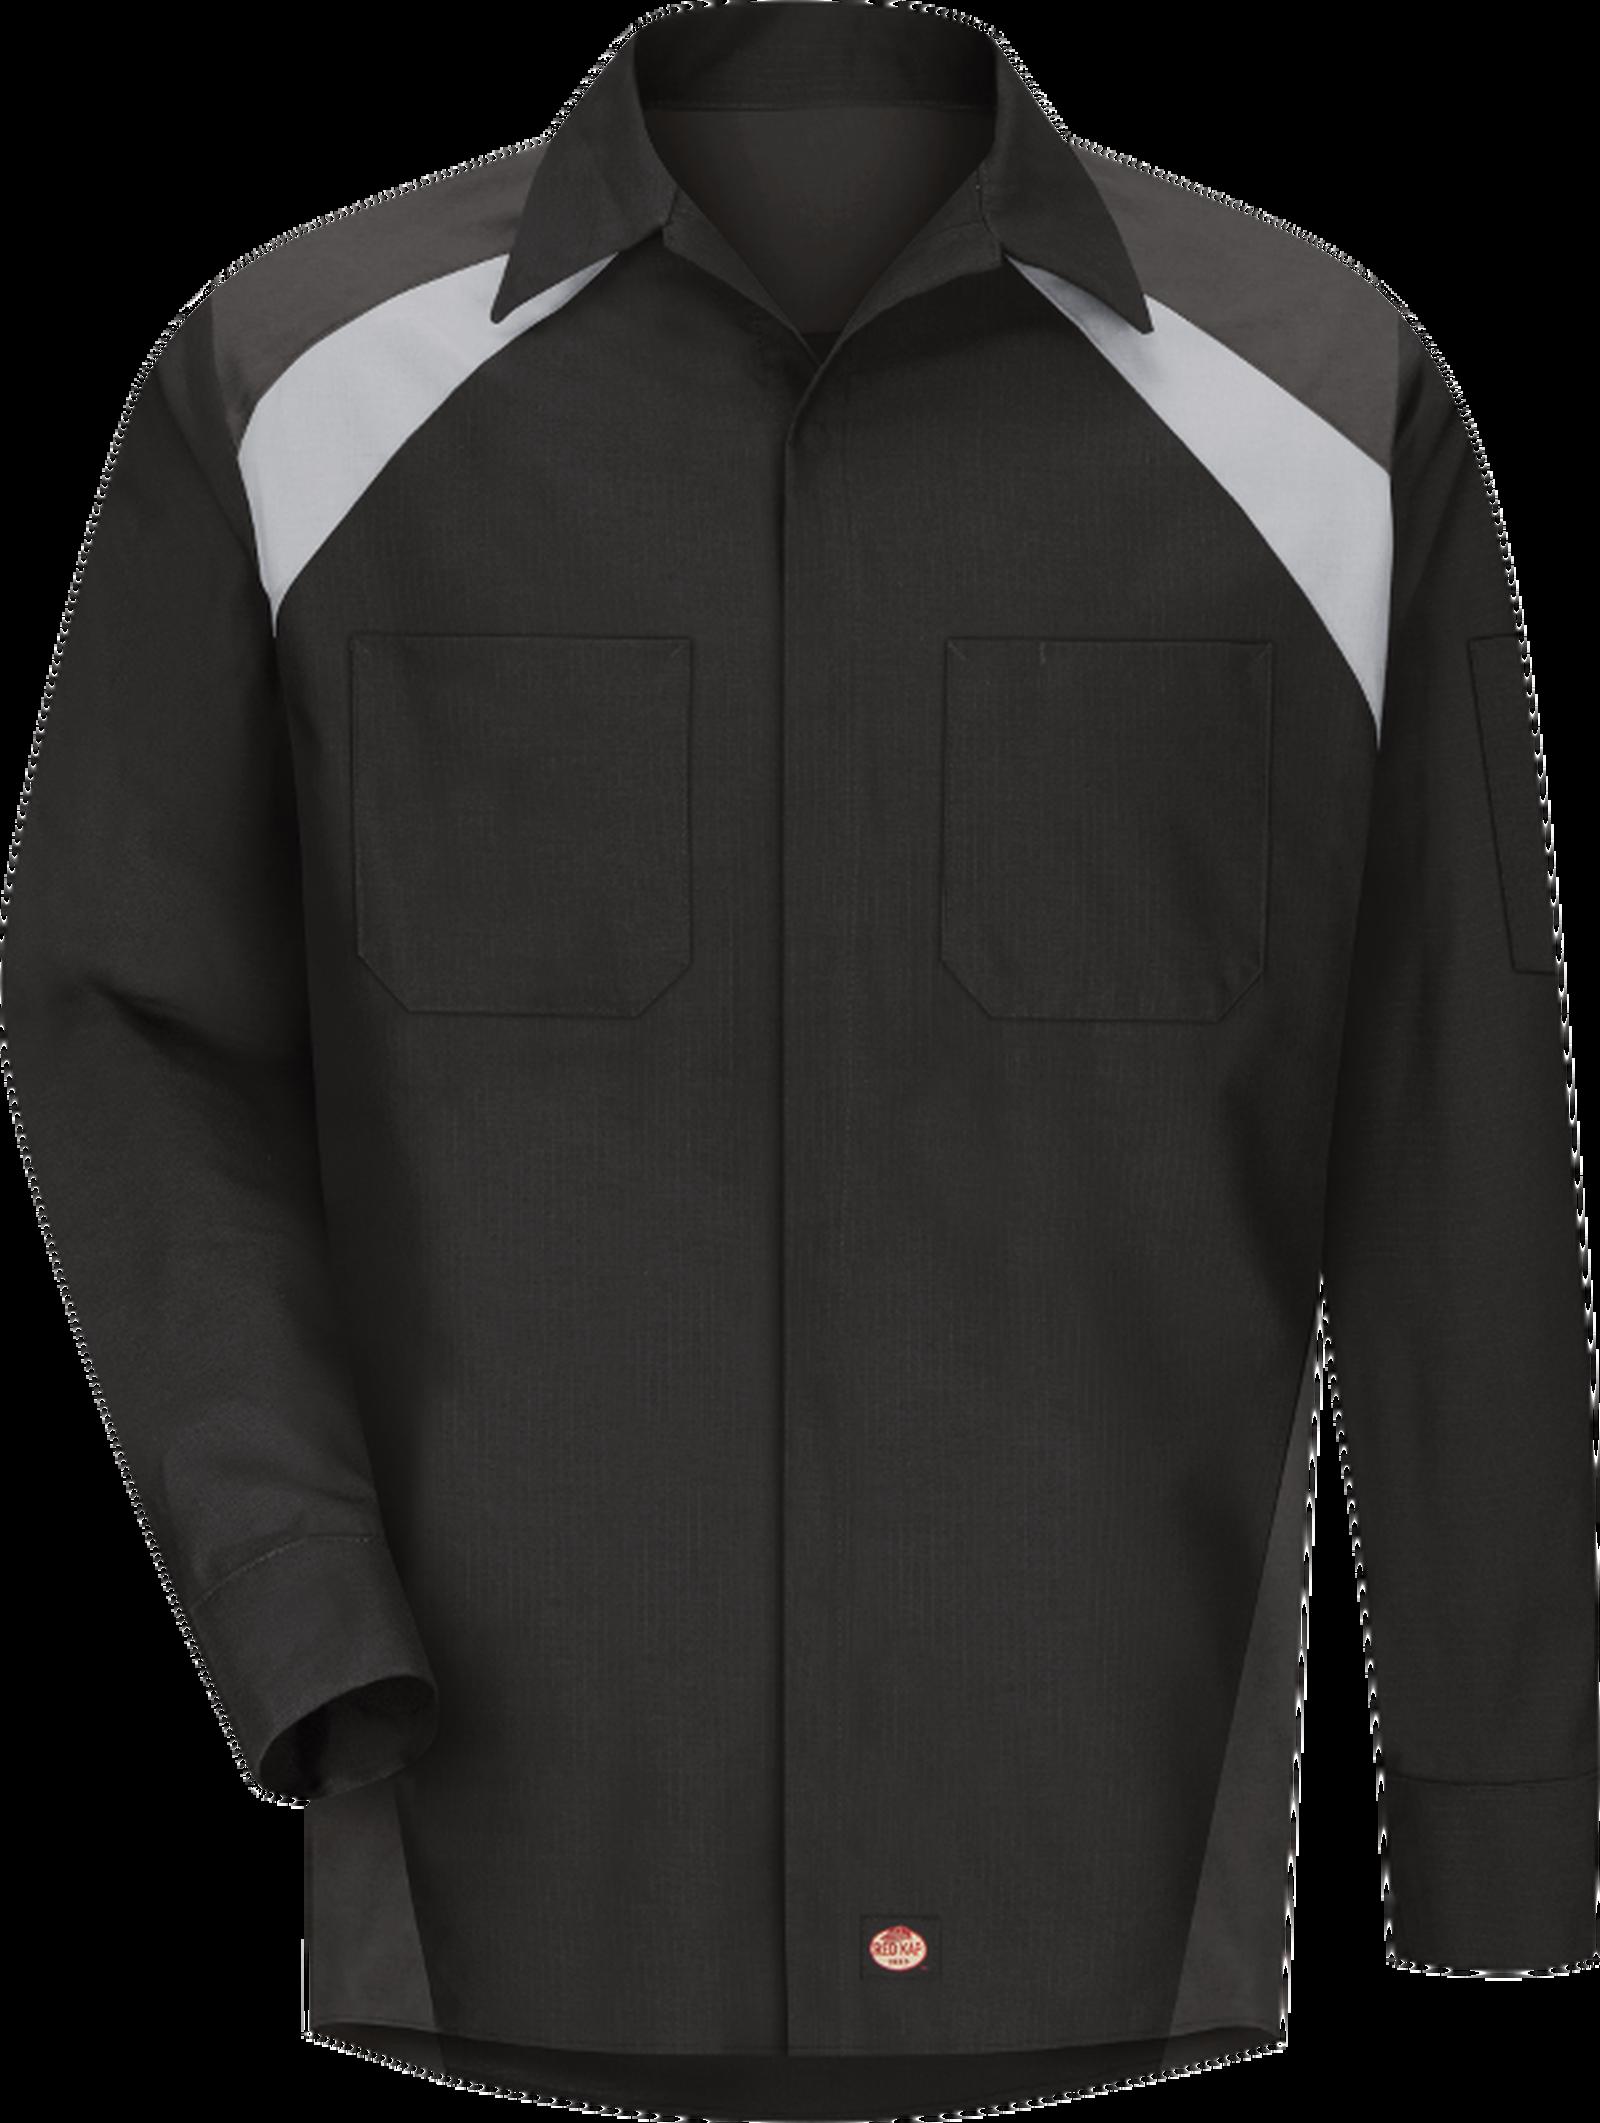 Men's Long Sleeve Tri-Color Shop Shirt